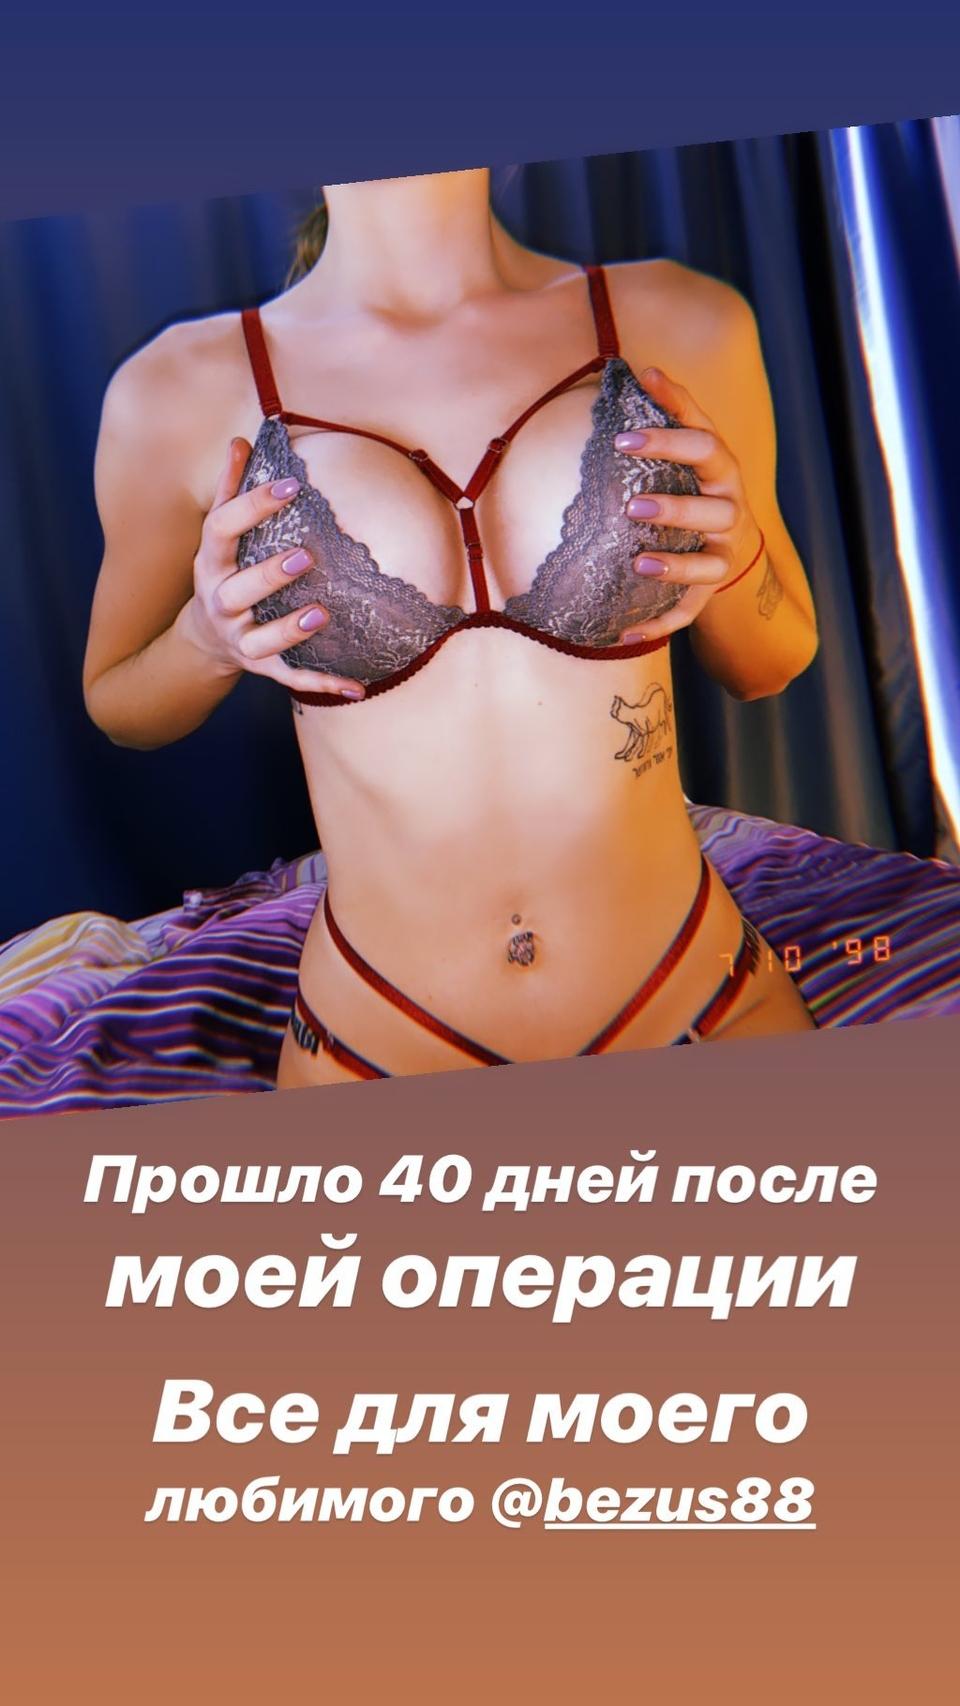 Милена показала грудь вовсей красе Фото: «Инстаграм»